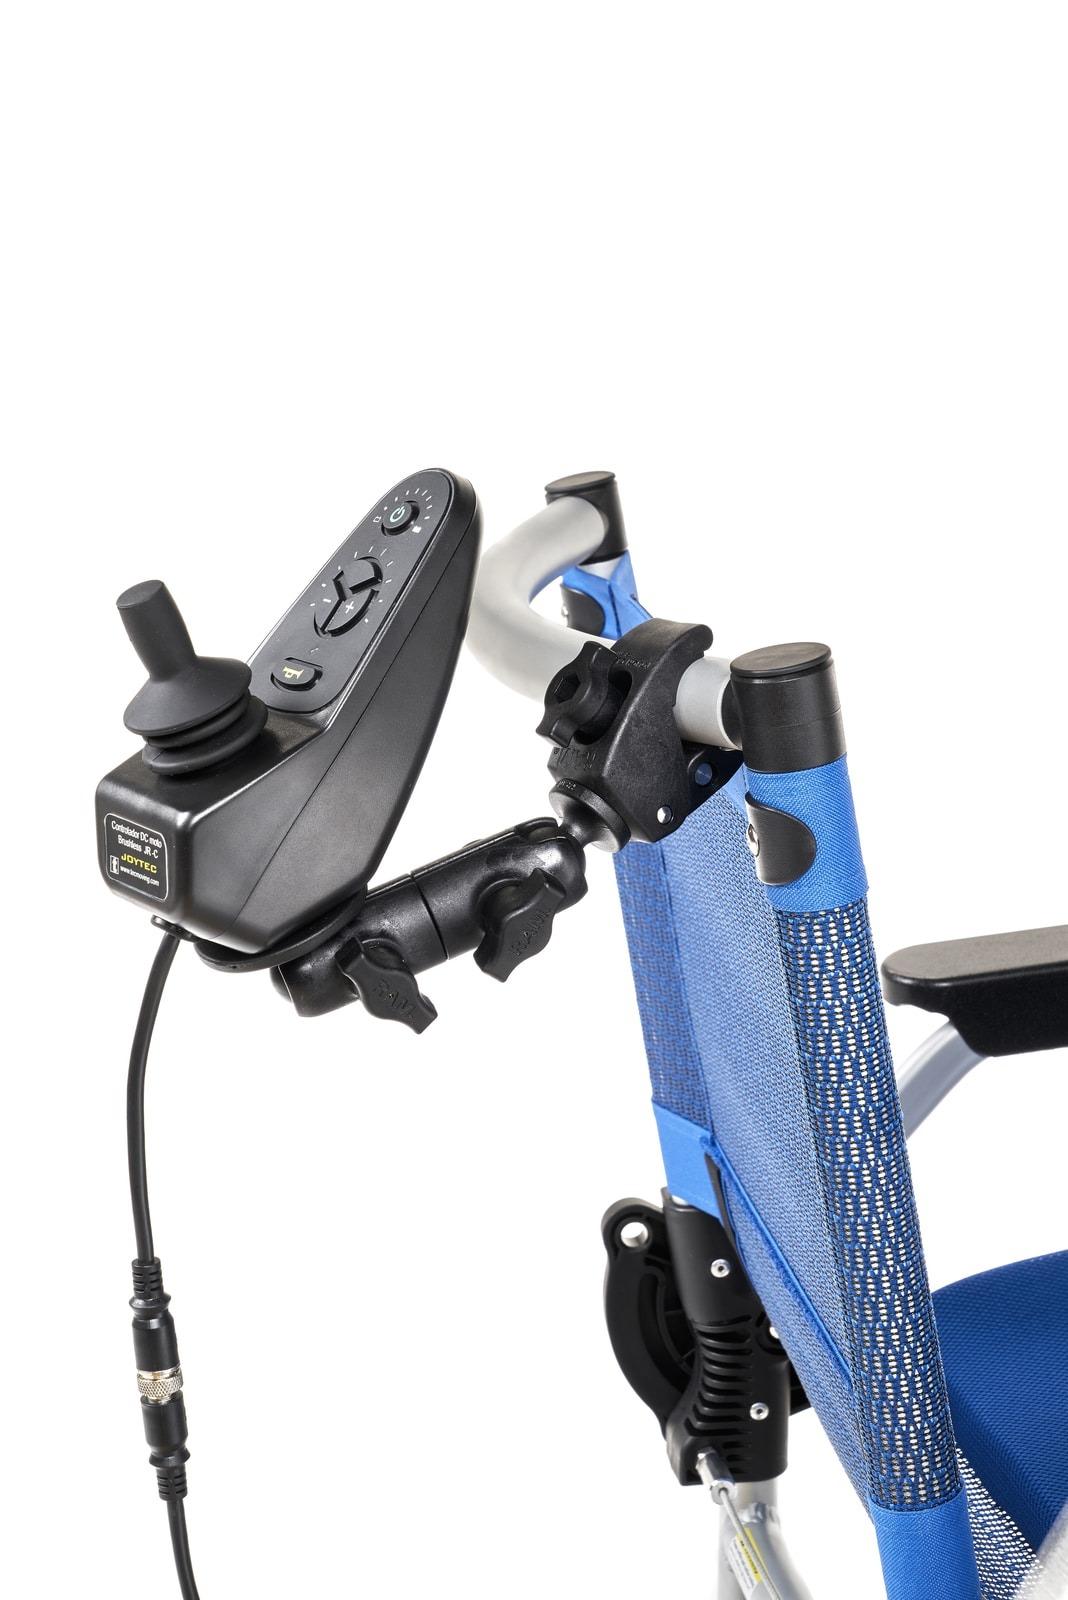 Kit posterior de controlo de marcha cadeira Joytec